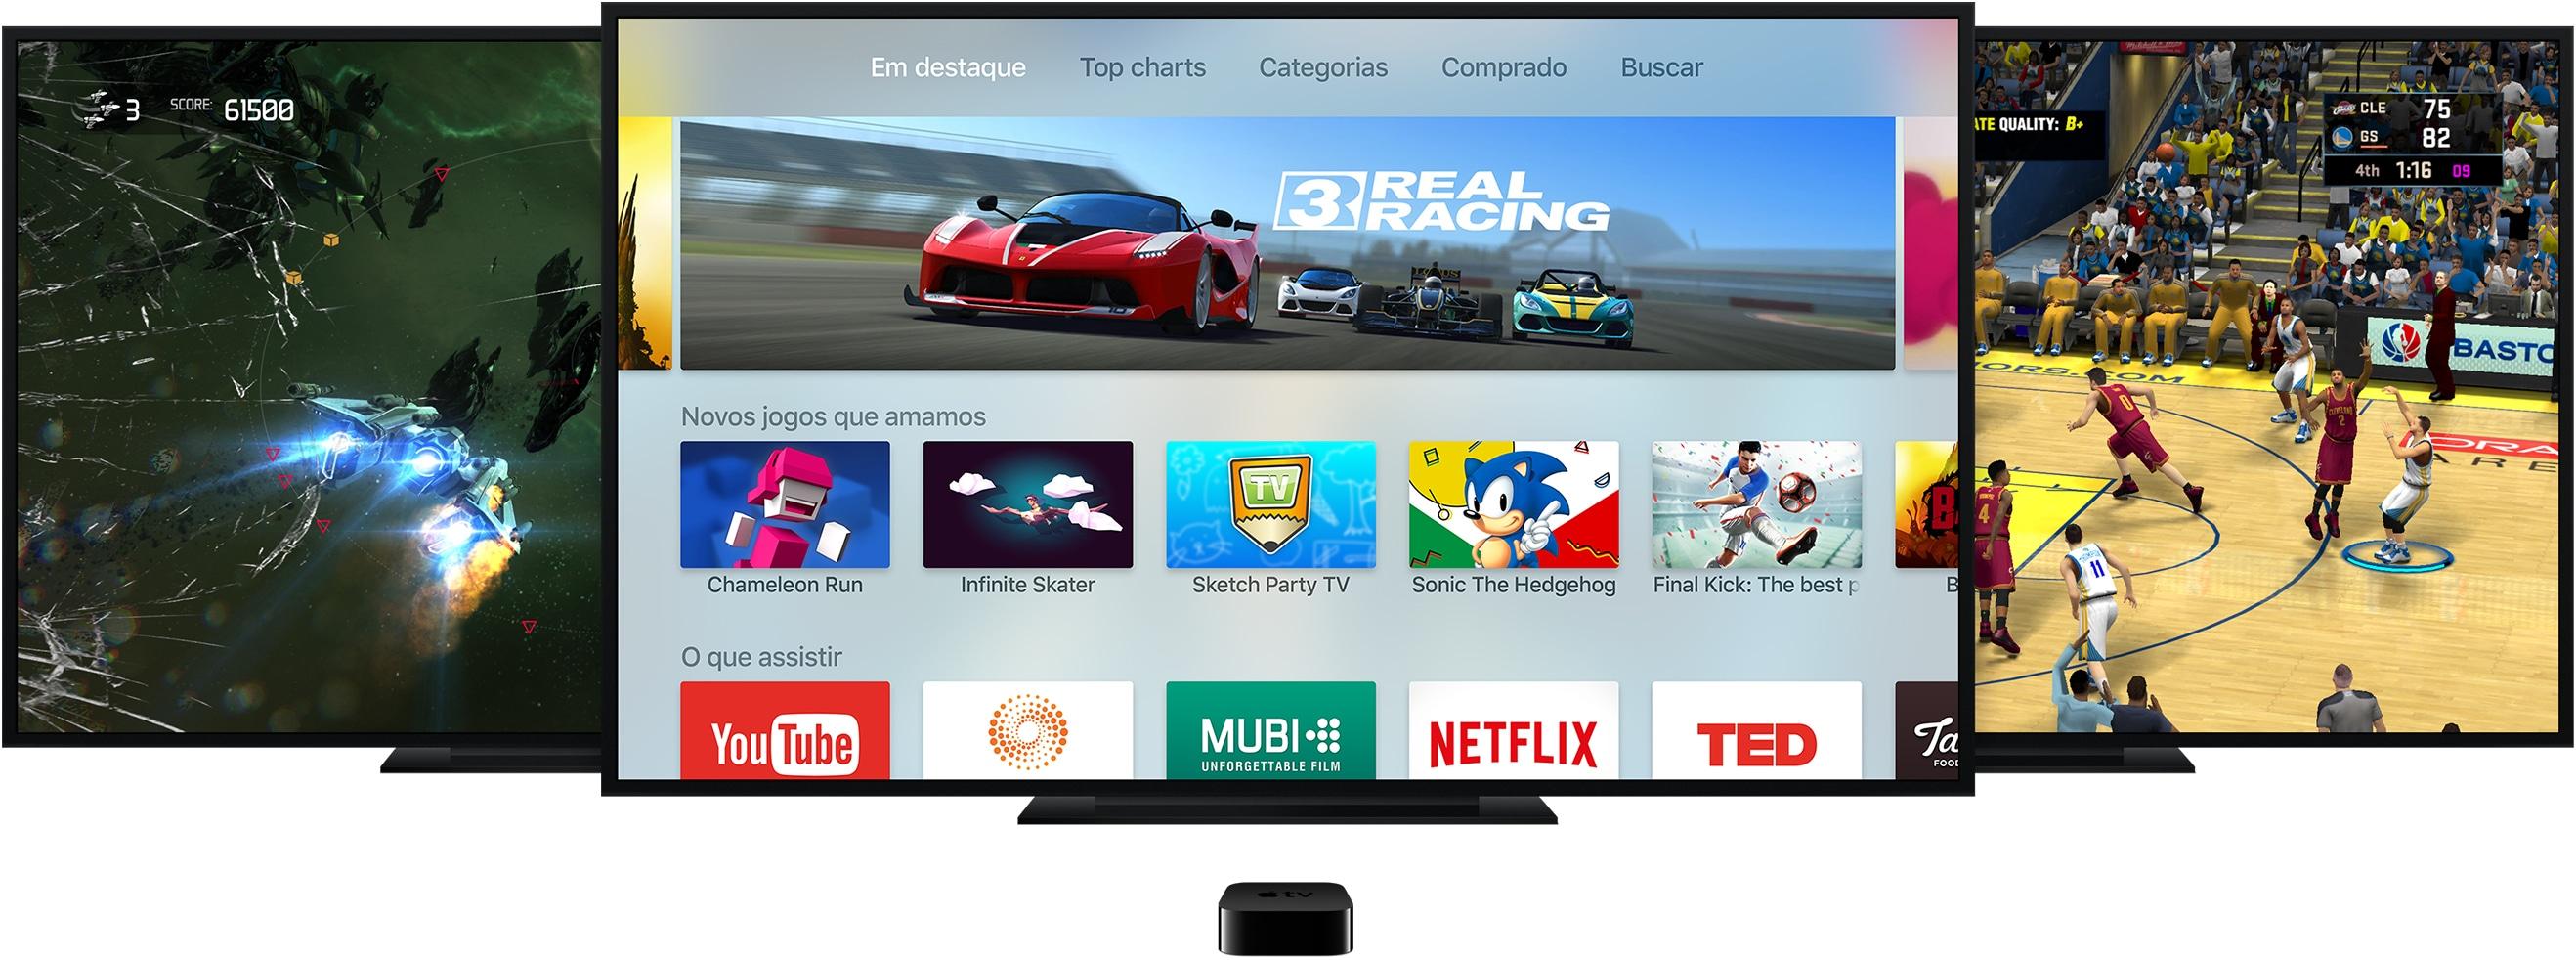 Jogos na Apple TV de quarta geração